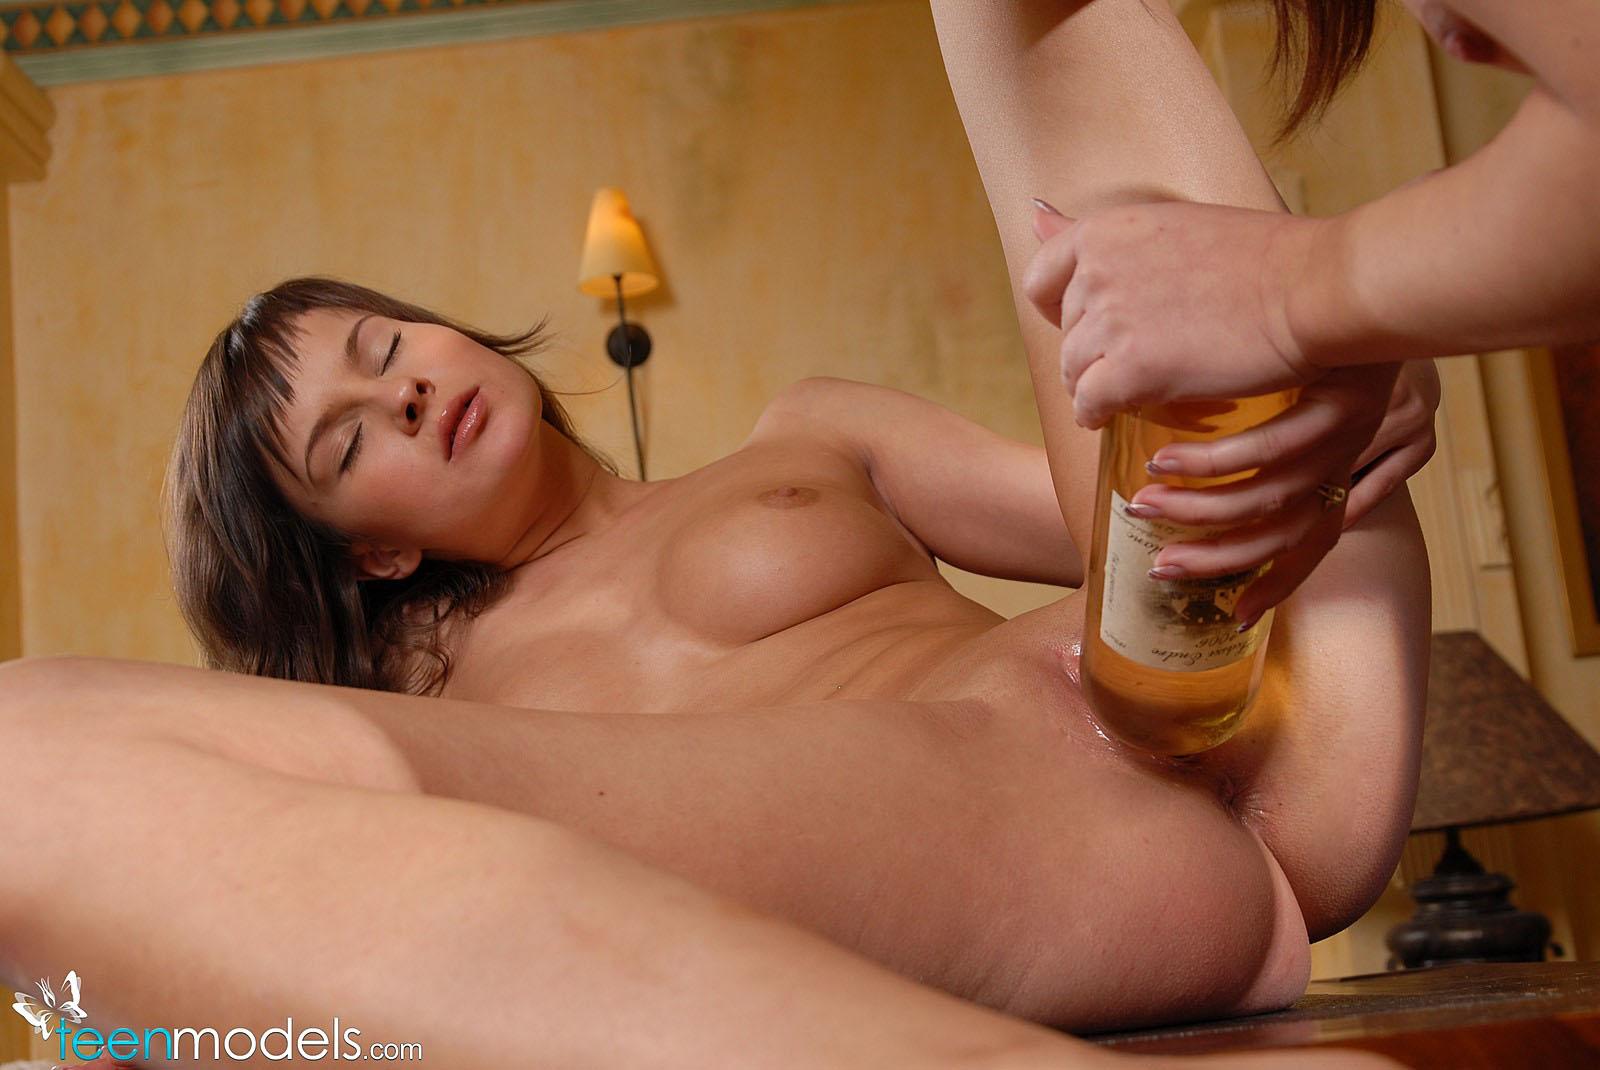 bbw amateur bottle sex